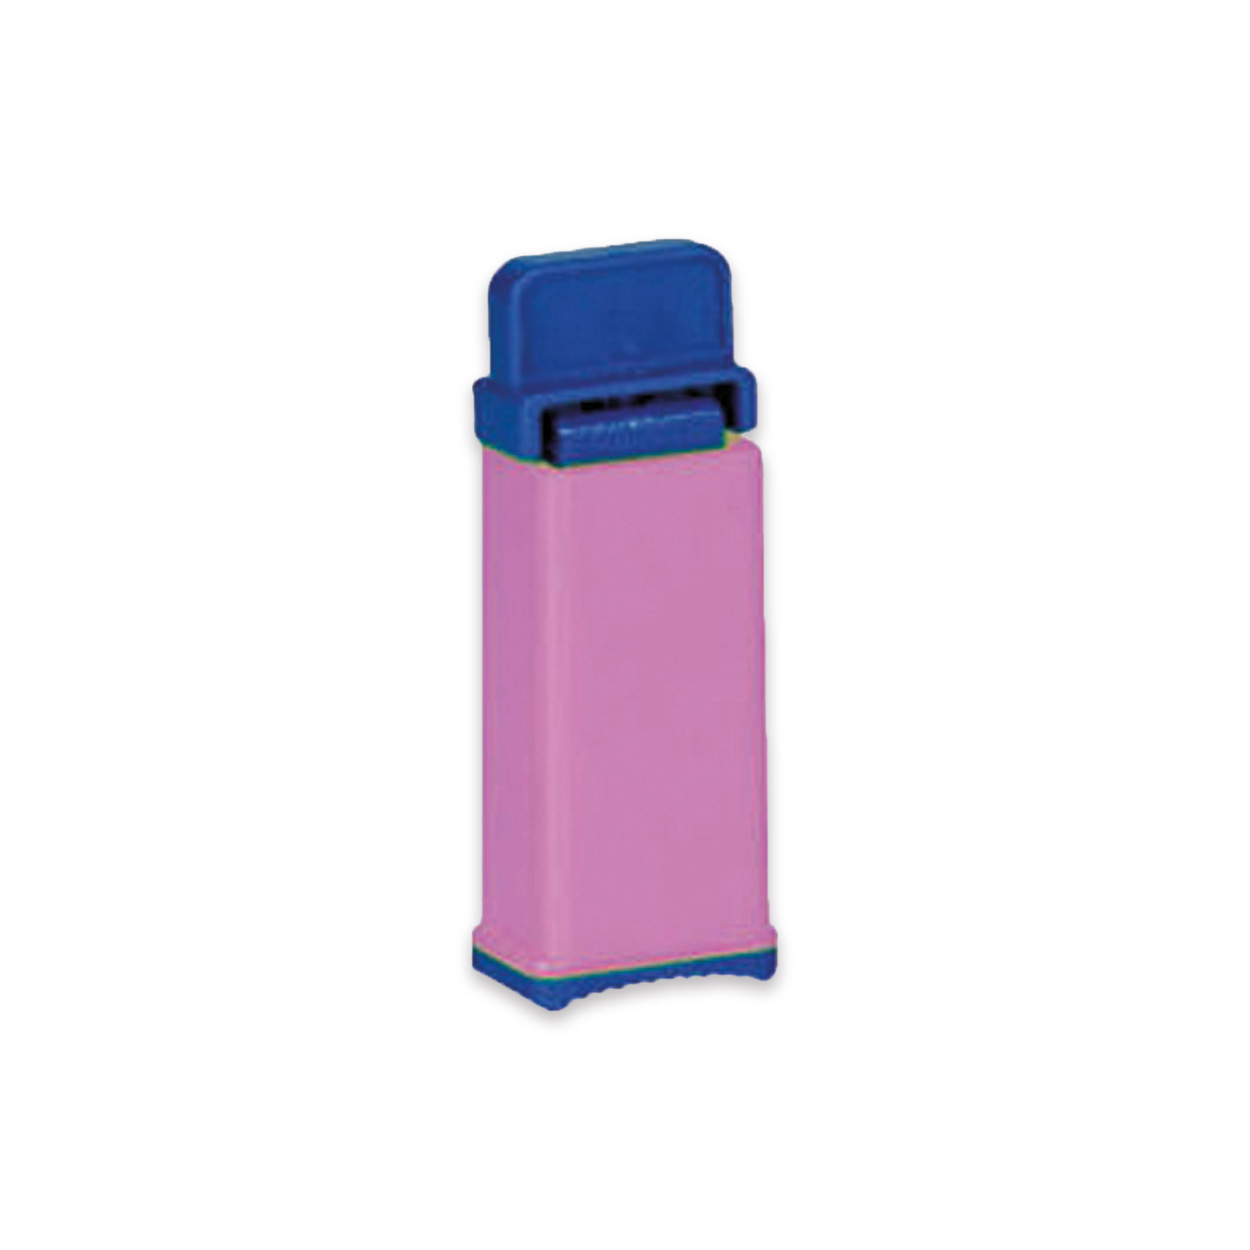 Sterilance Blutzuckerlanzetten (pink) - Packung à 100 Stück